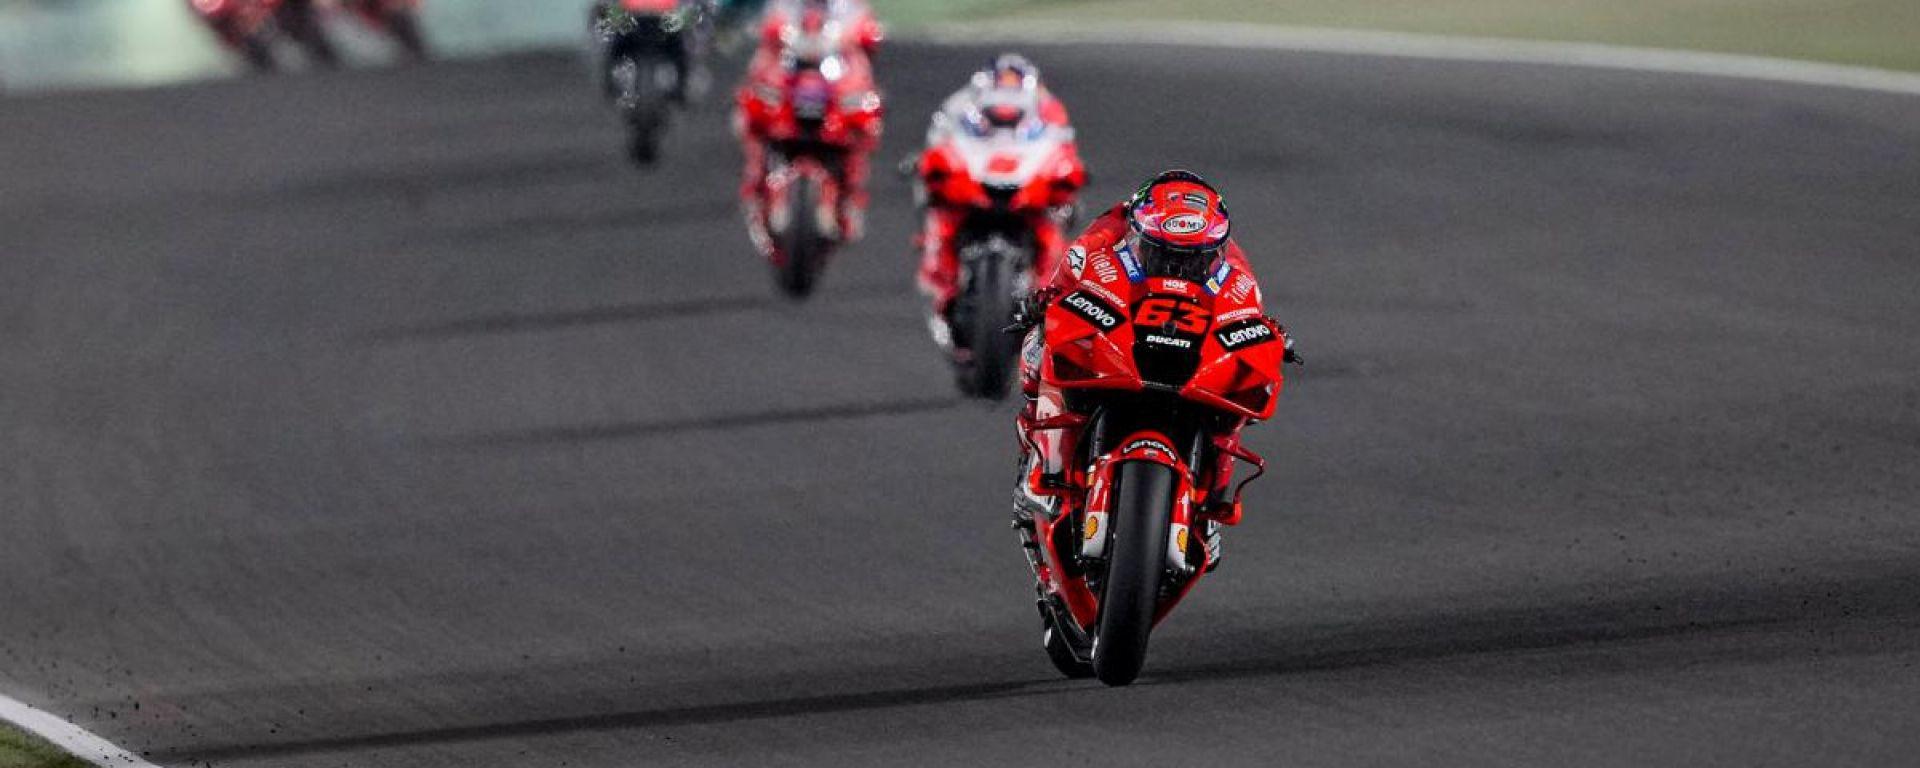 Pecco Bagnaia (Ducati) guida il gruppo al GP del Qatar